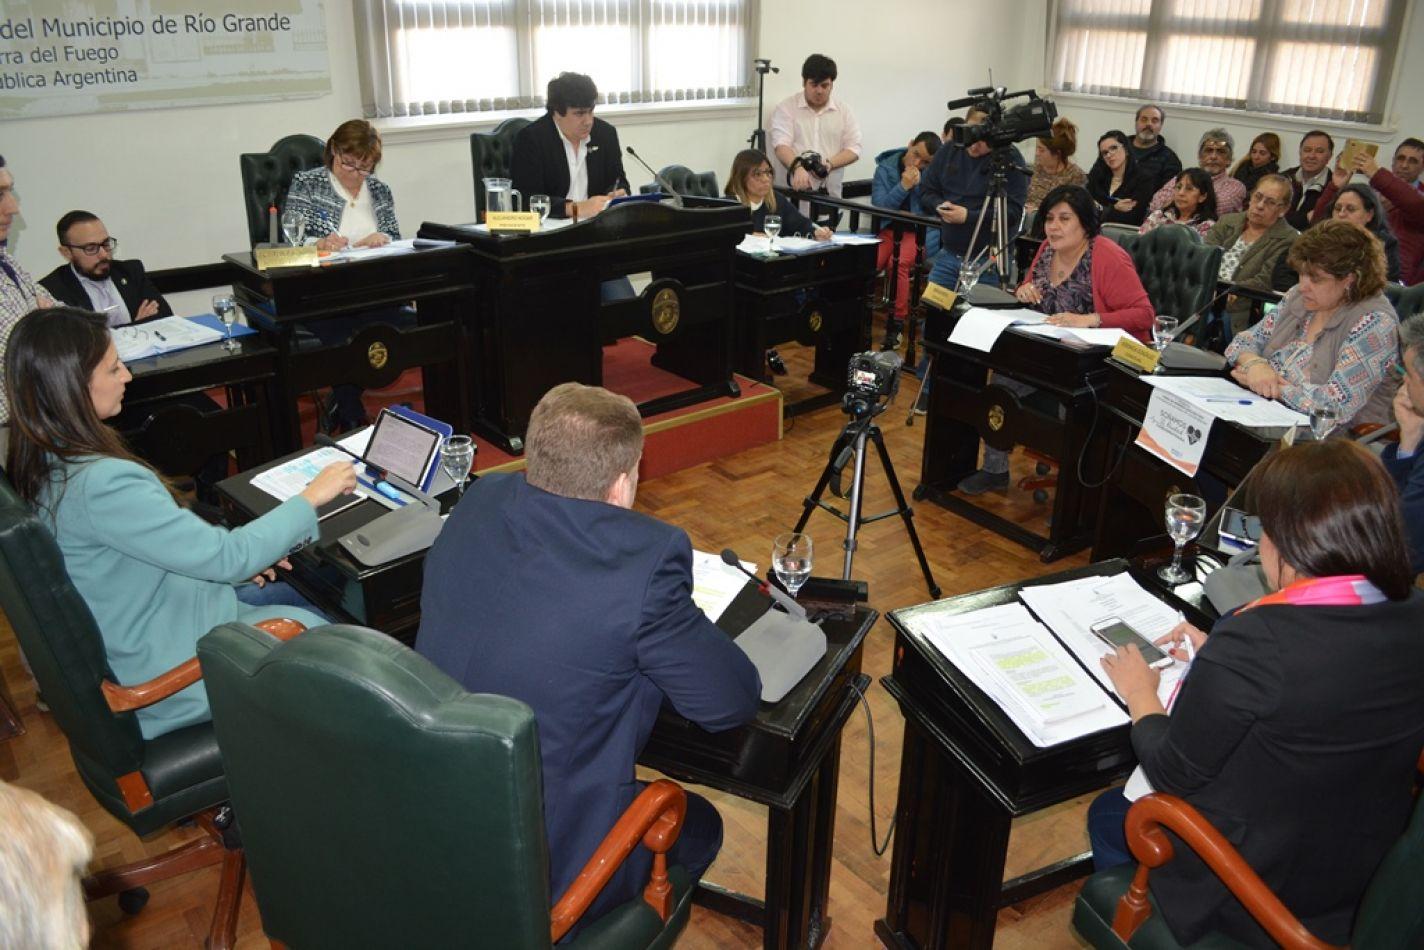 Ediles aprobaron un plan de ordenamiento del tránsito en la zona del Edificio General San Martín